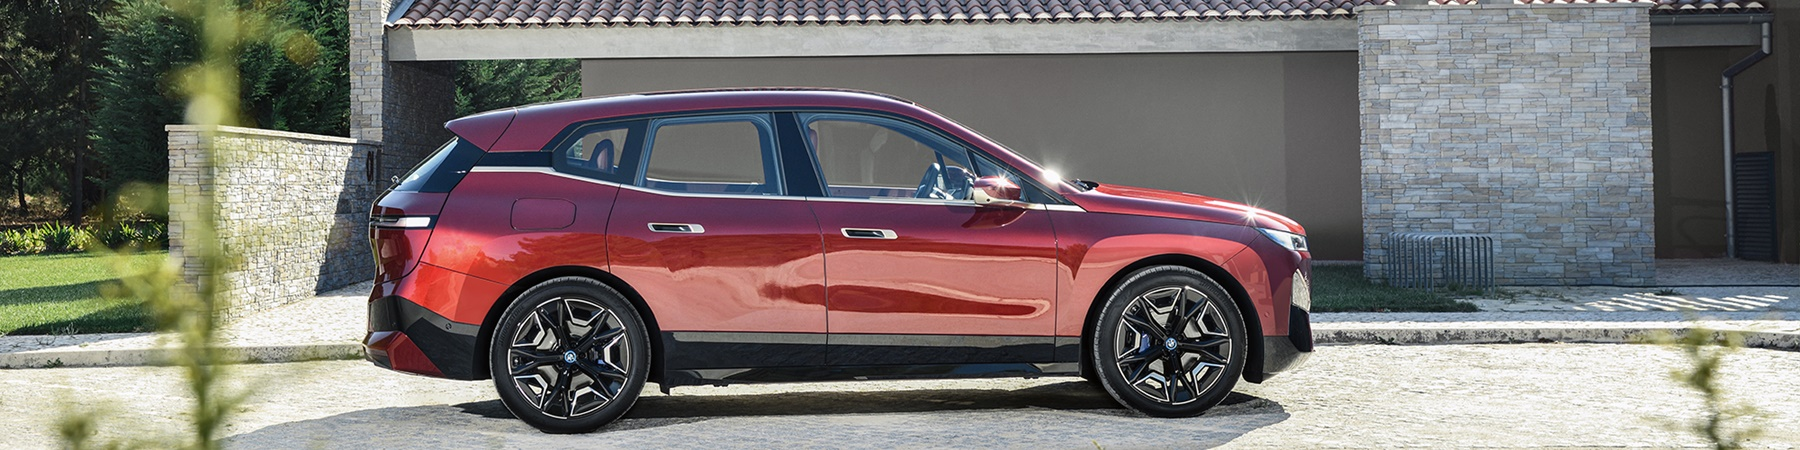 BMW iX 105kWh 524 km actieradius